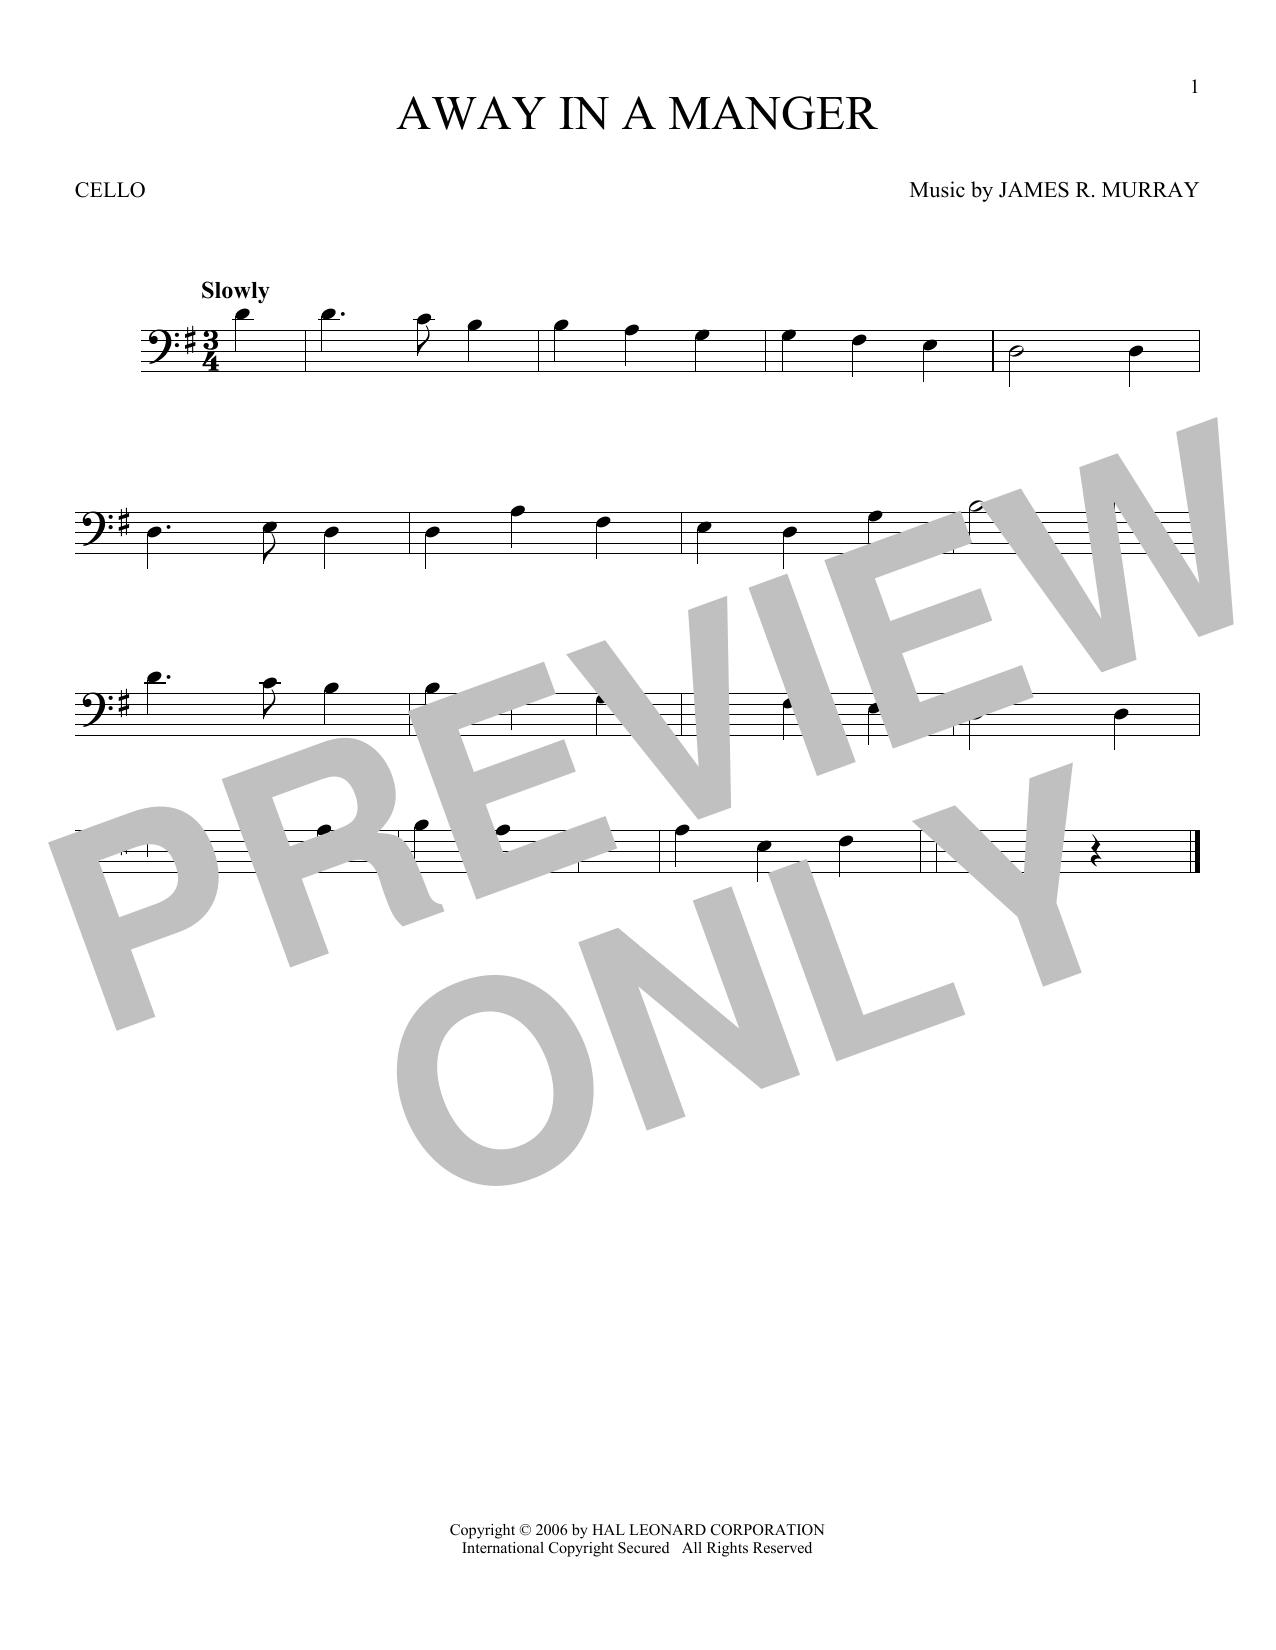 Away In A Manger (Cello Solo)